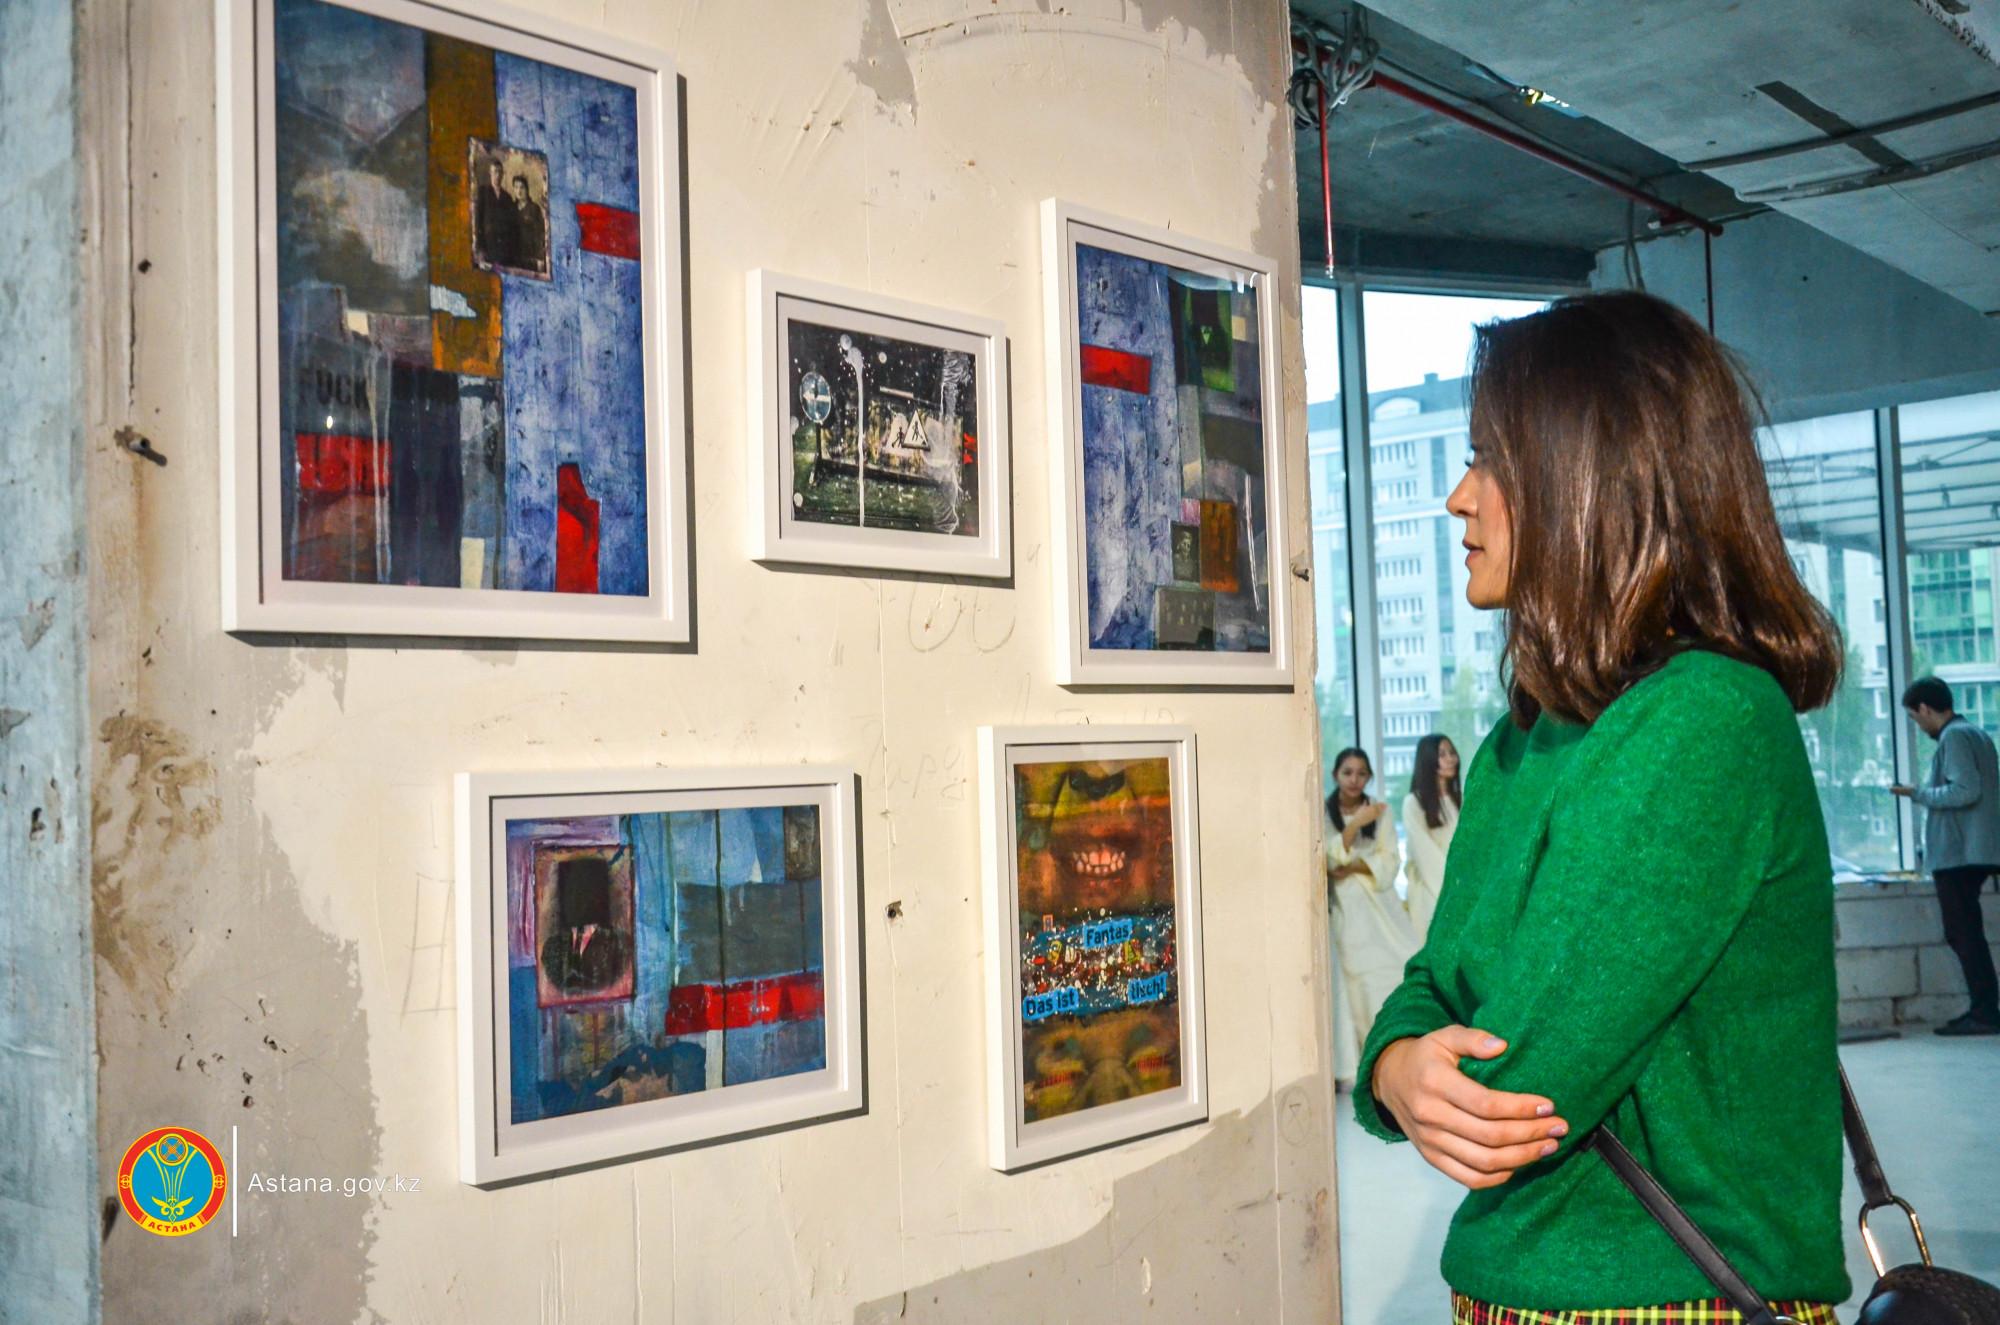 В Астане открылась уникальная выставка молодых художников